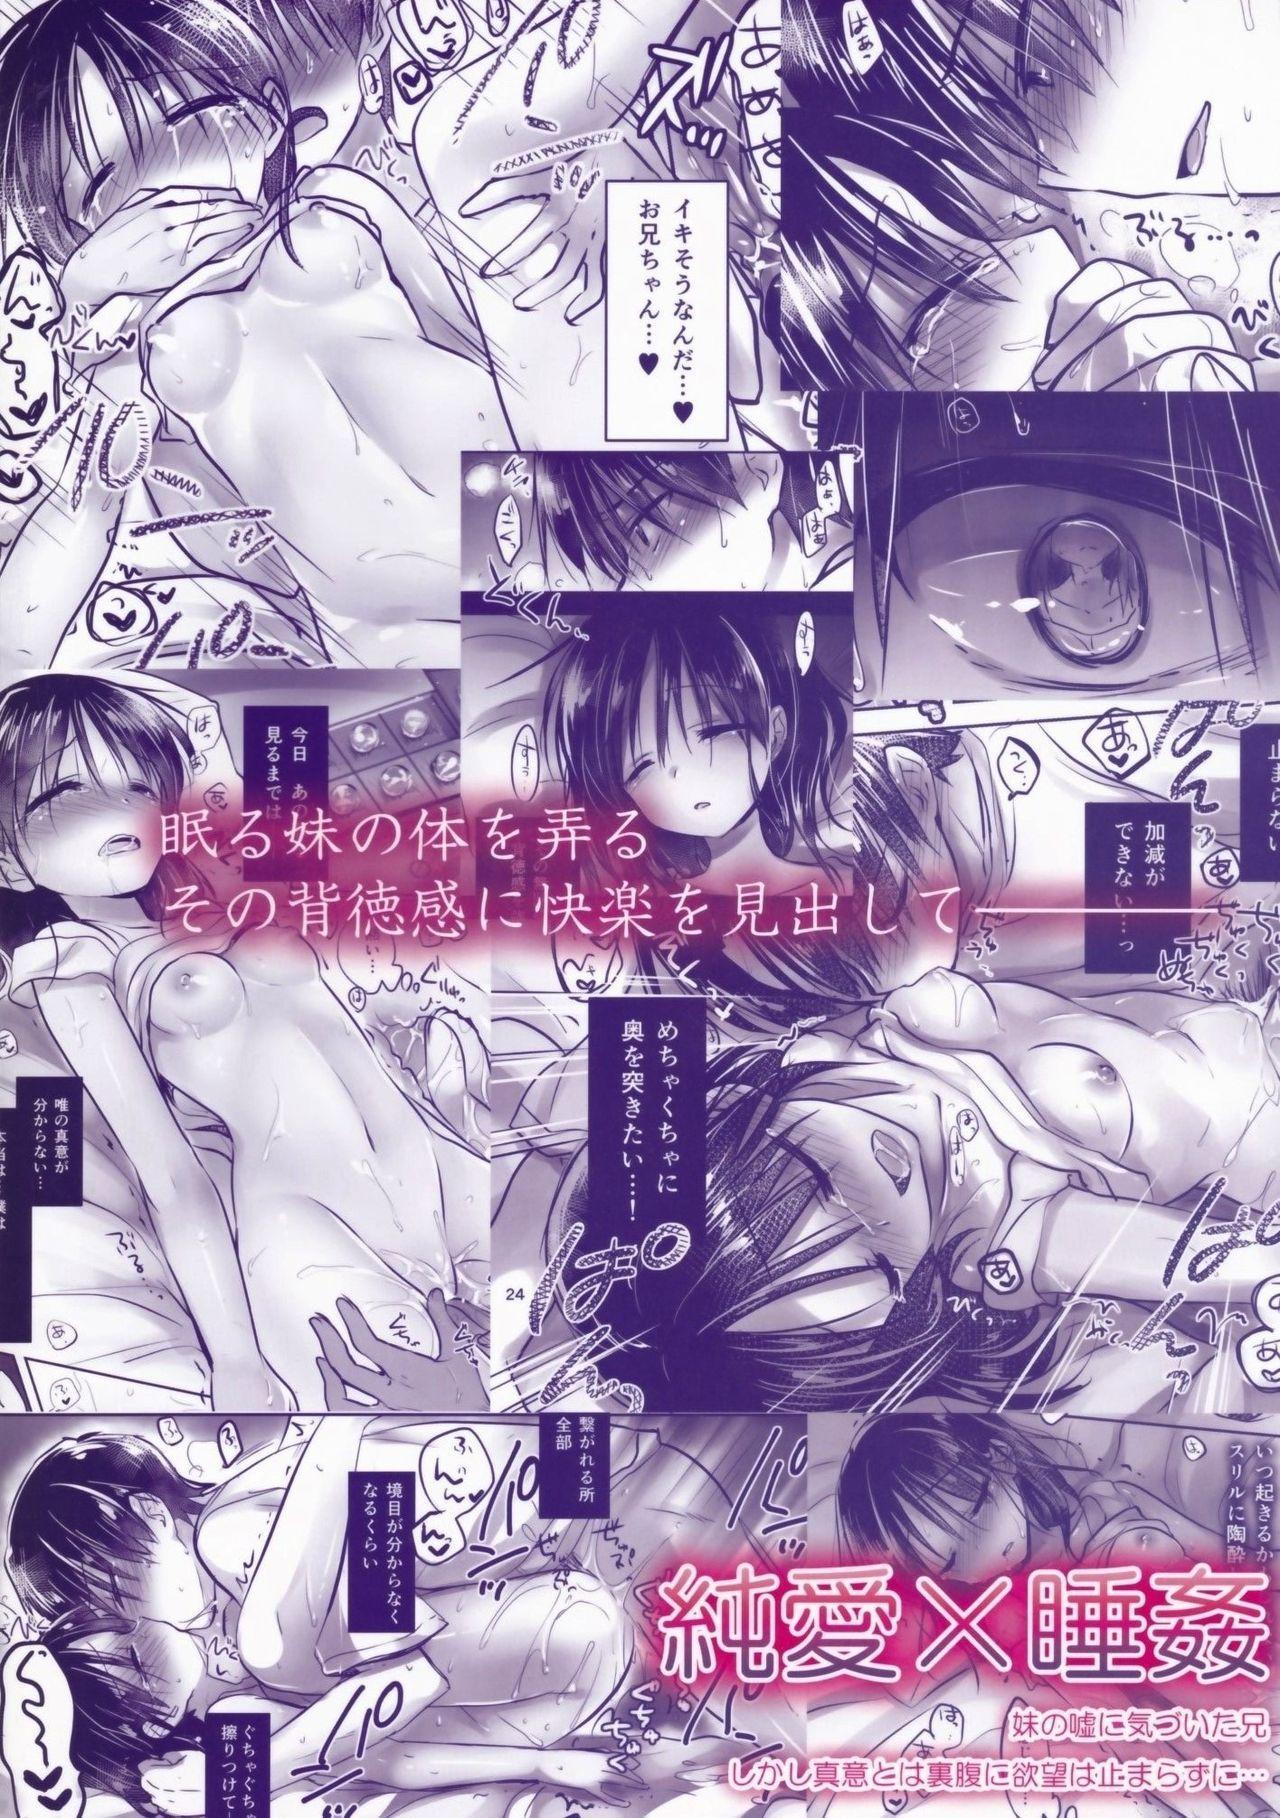 Oyasumi Sex am3:00 40